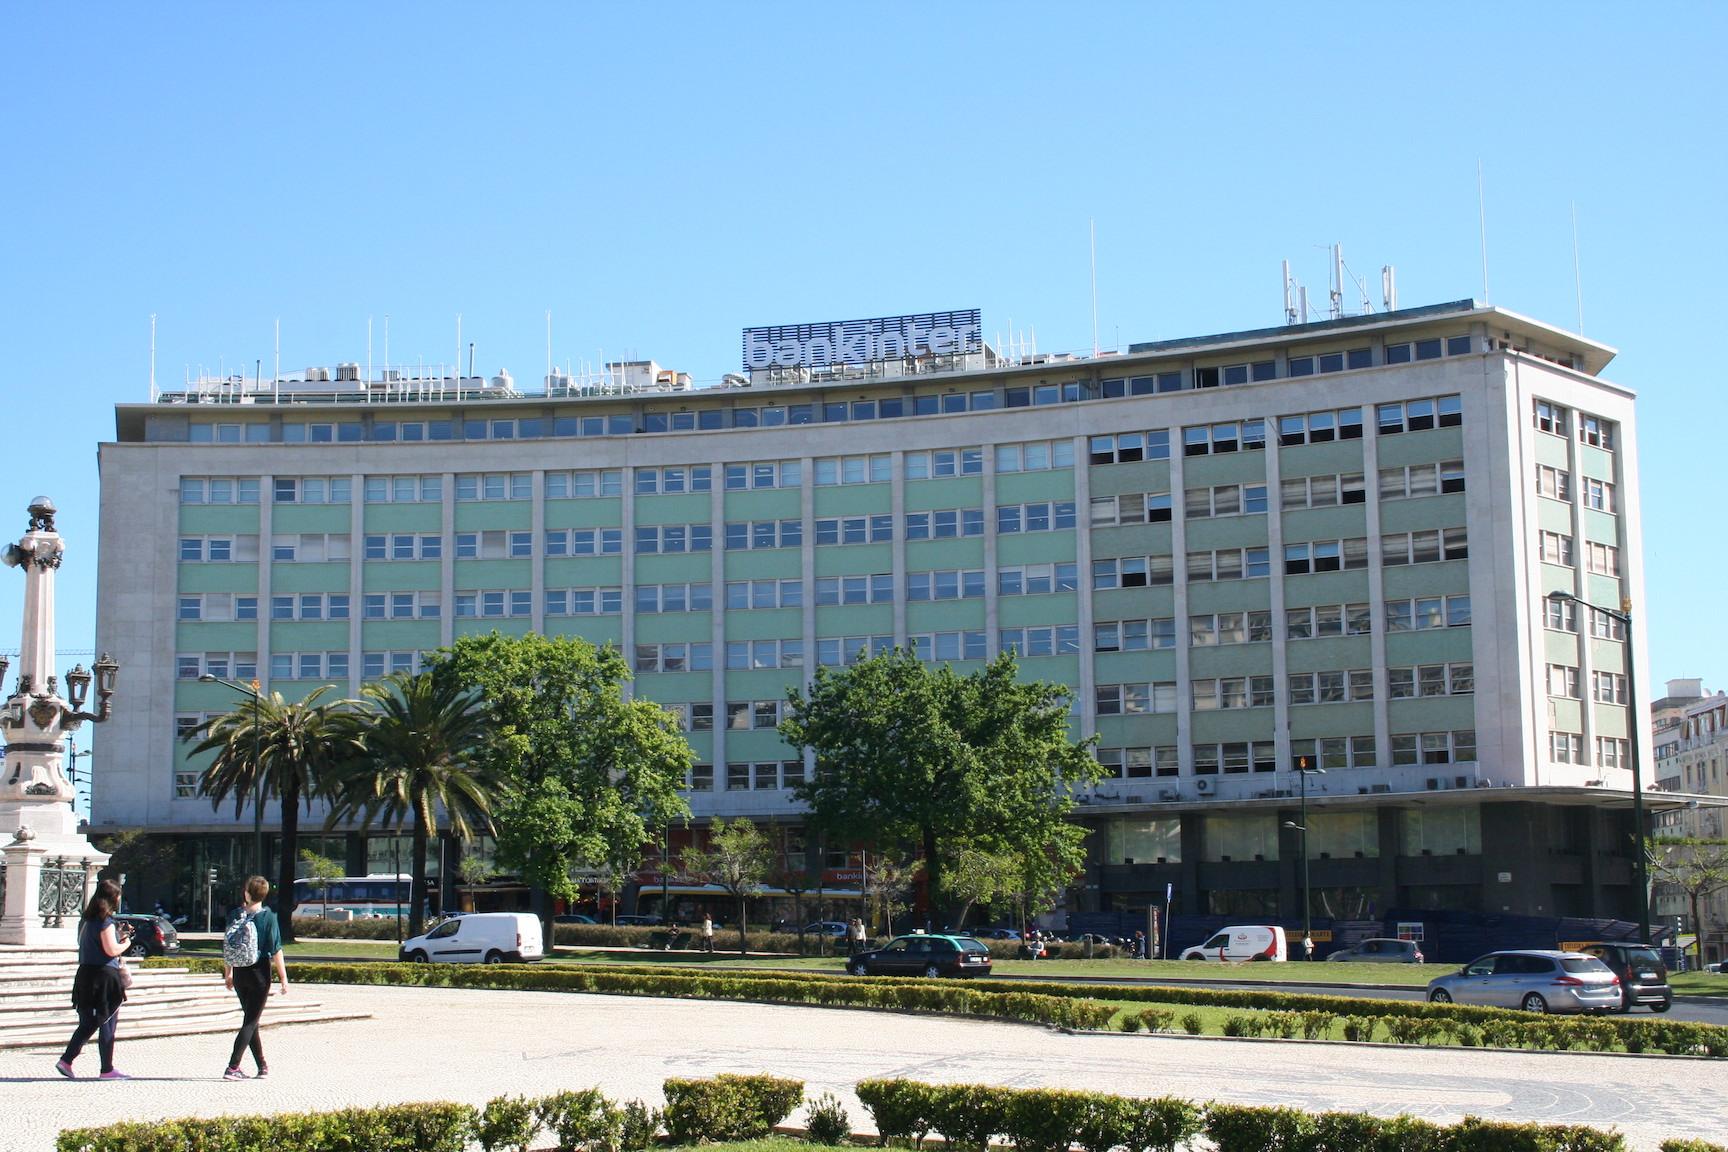 Nova sede do Bankinter em Portugal encontra-se no edifício Marquês de Pombal 13. / JLL